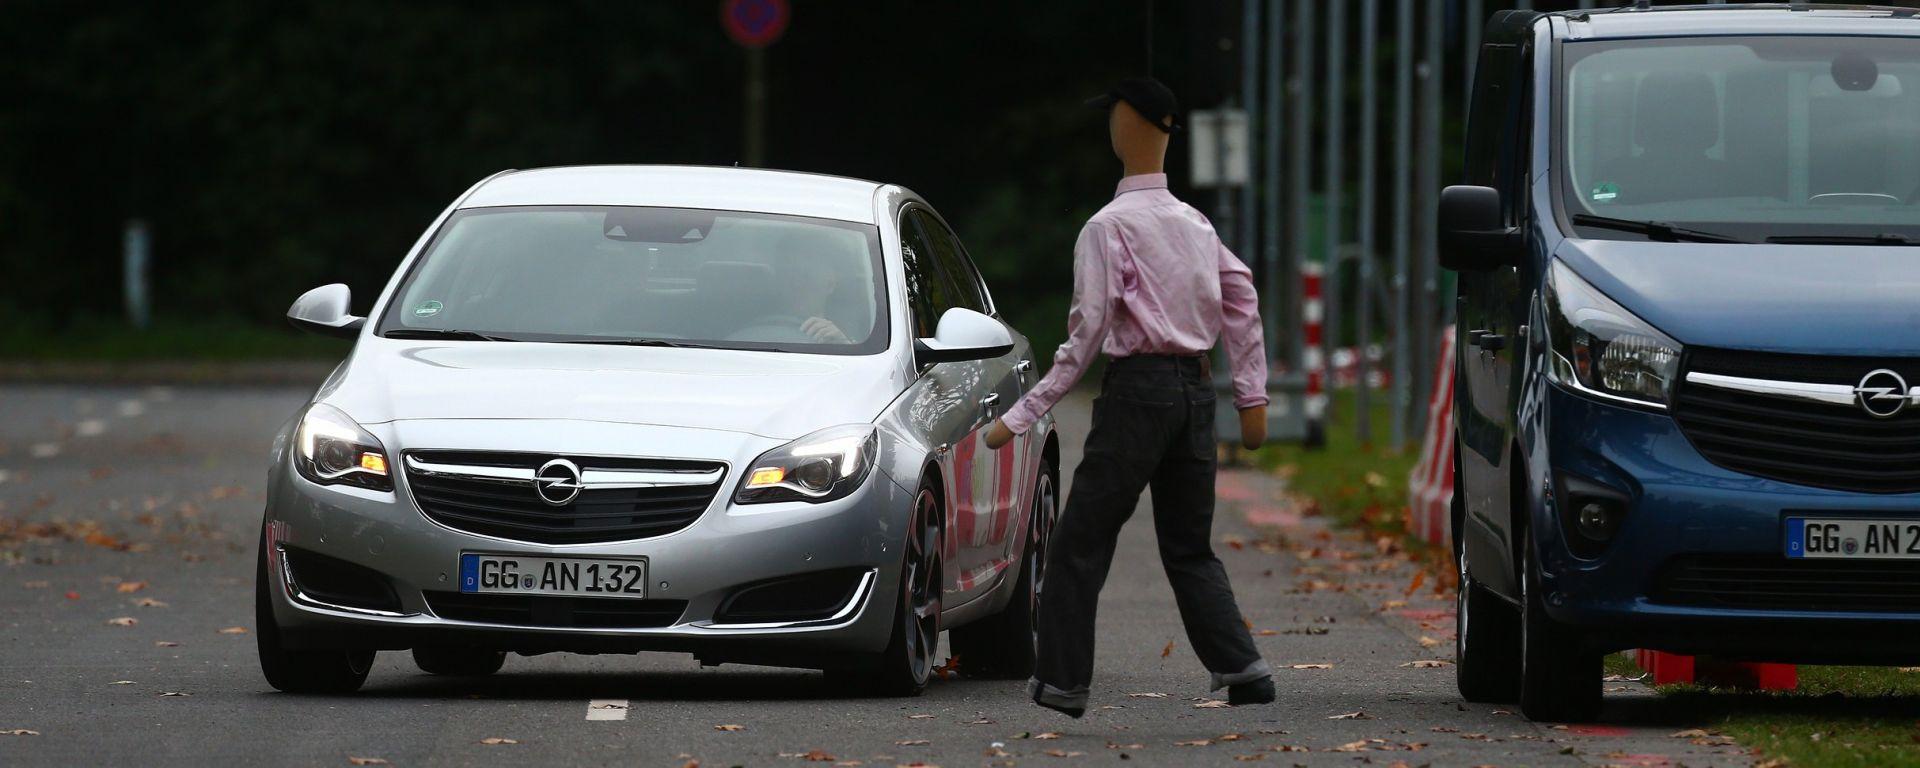 Opel lavora a tutto campo per la sicurezza